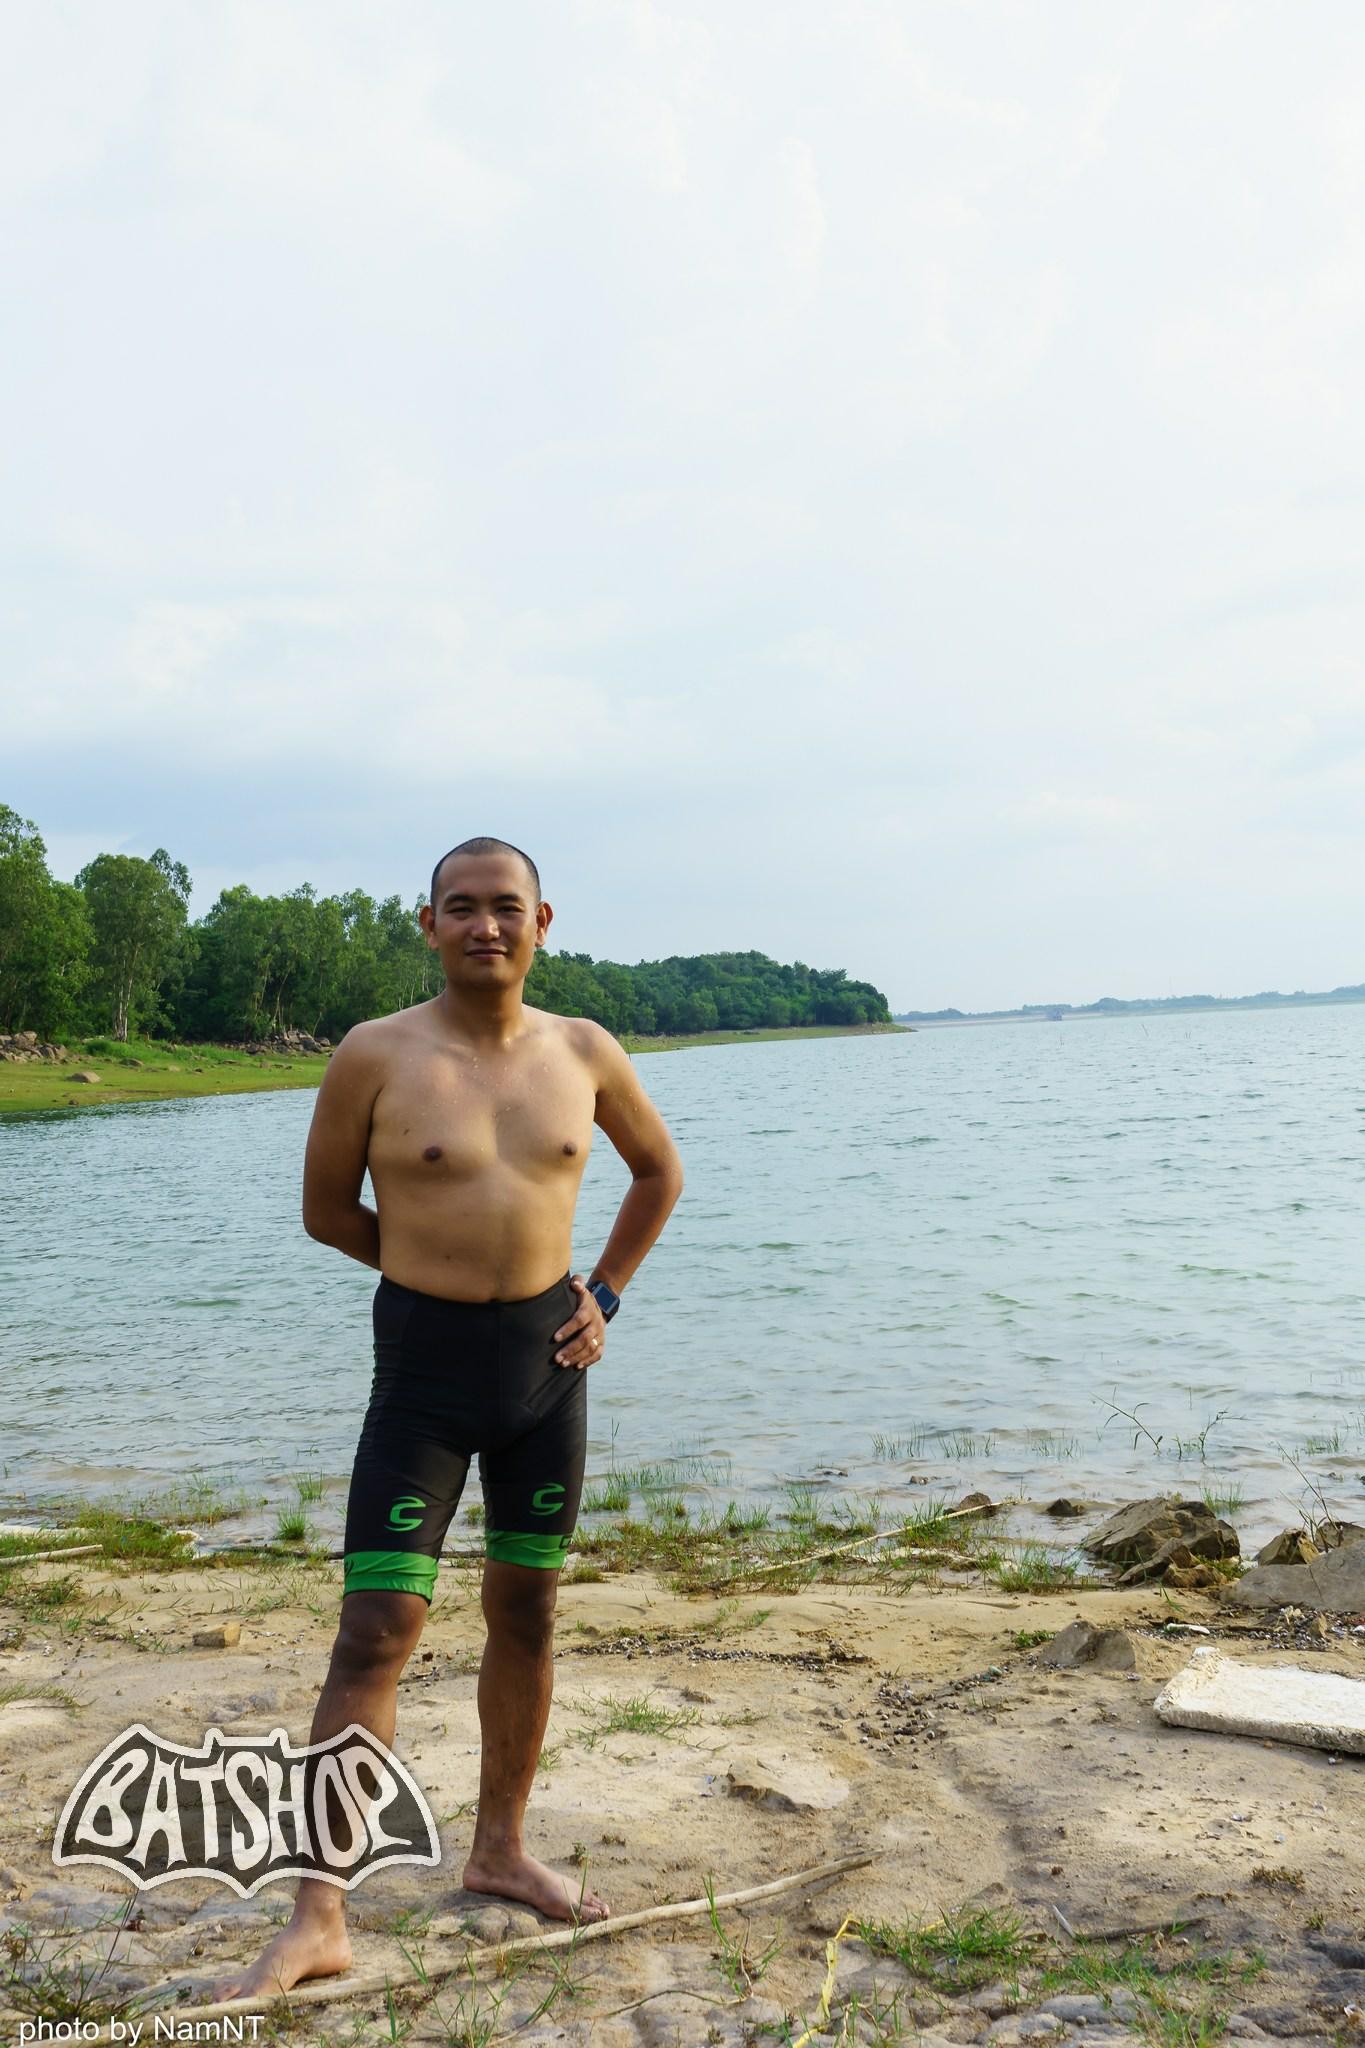 20637950662 27842dc276 k - Hồ Cần Nôm-Dầu Tiếng chuyến đạp xe, băng rừng, leo núi, tắm hồ, mần gà